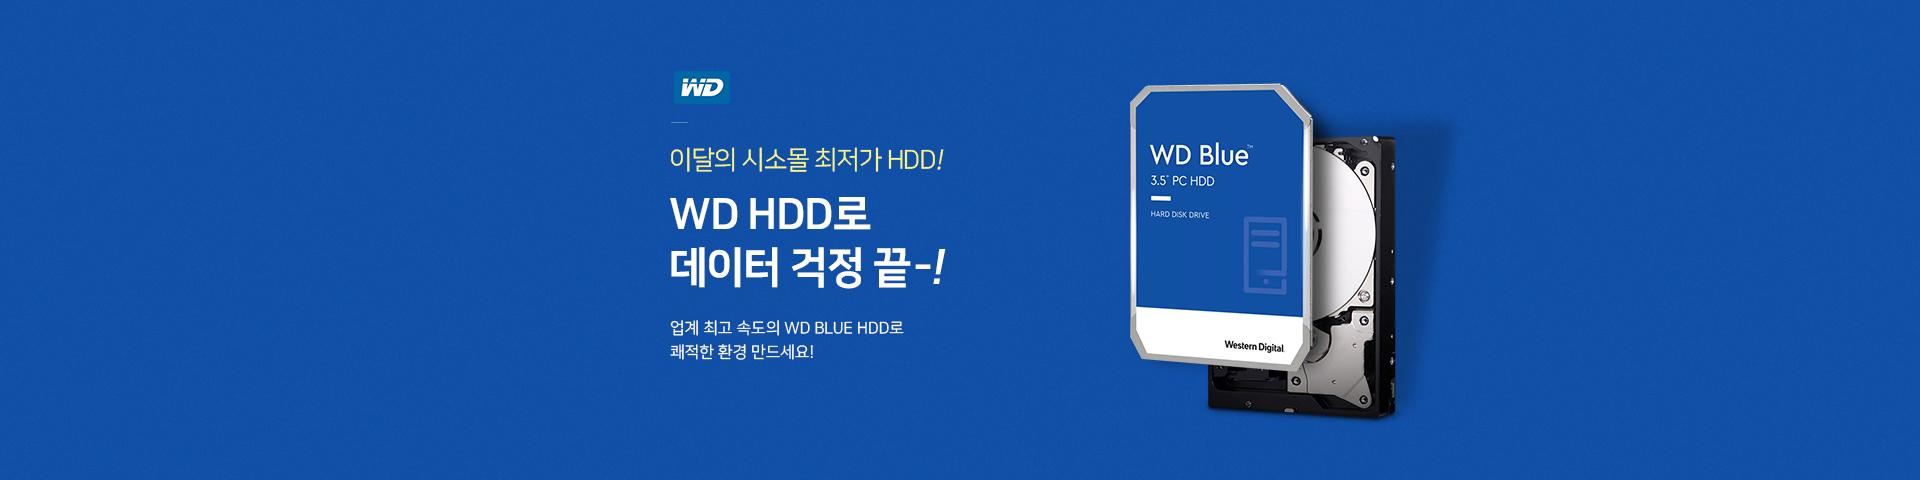 [WD] PC HDD 최저가 모음전